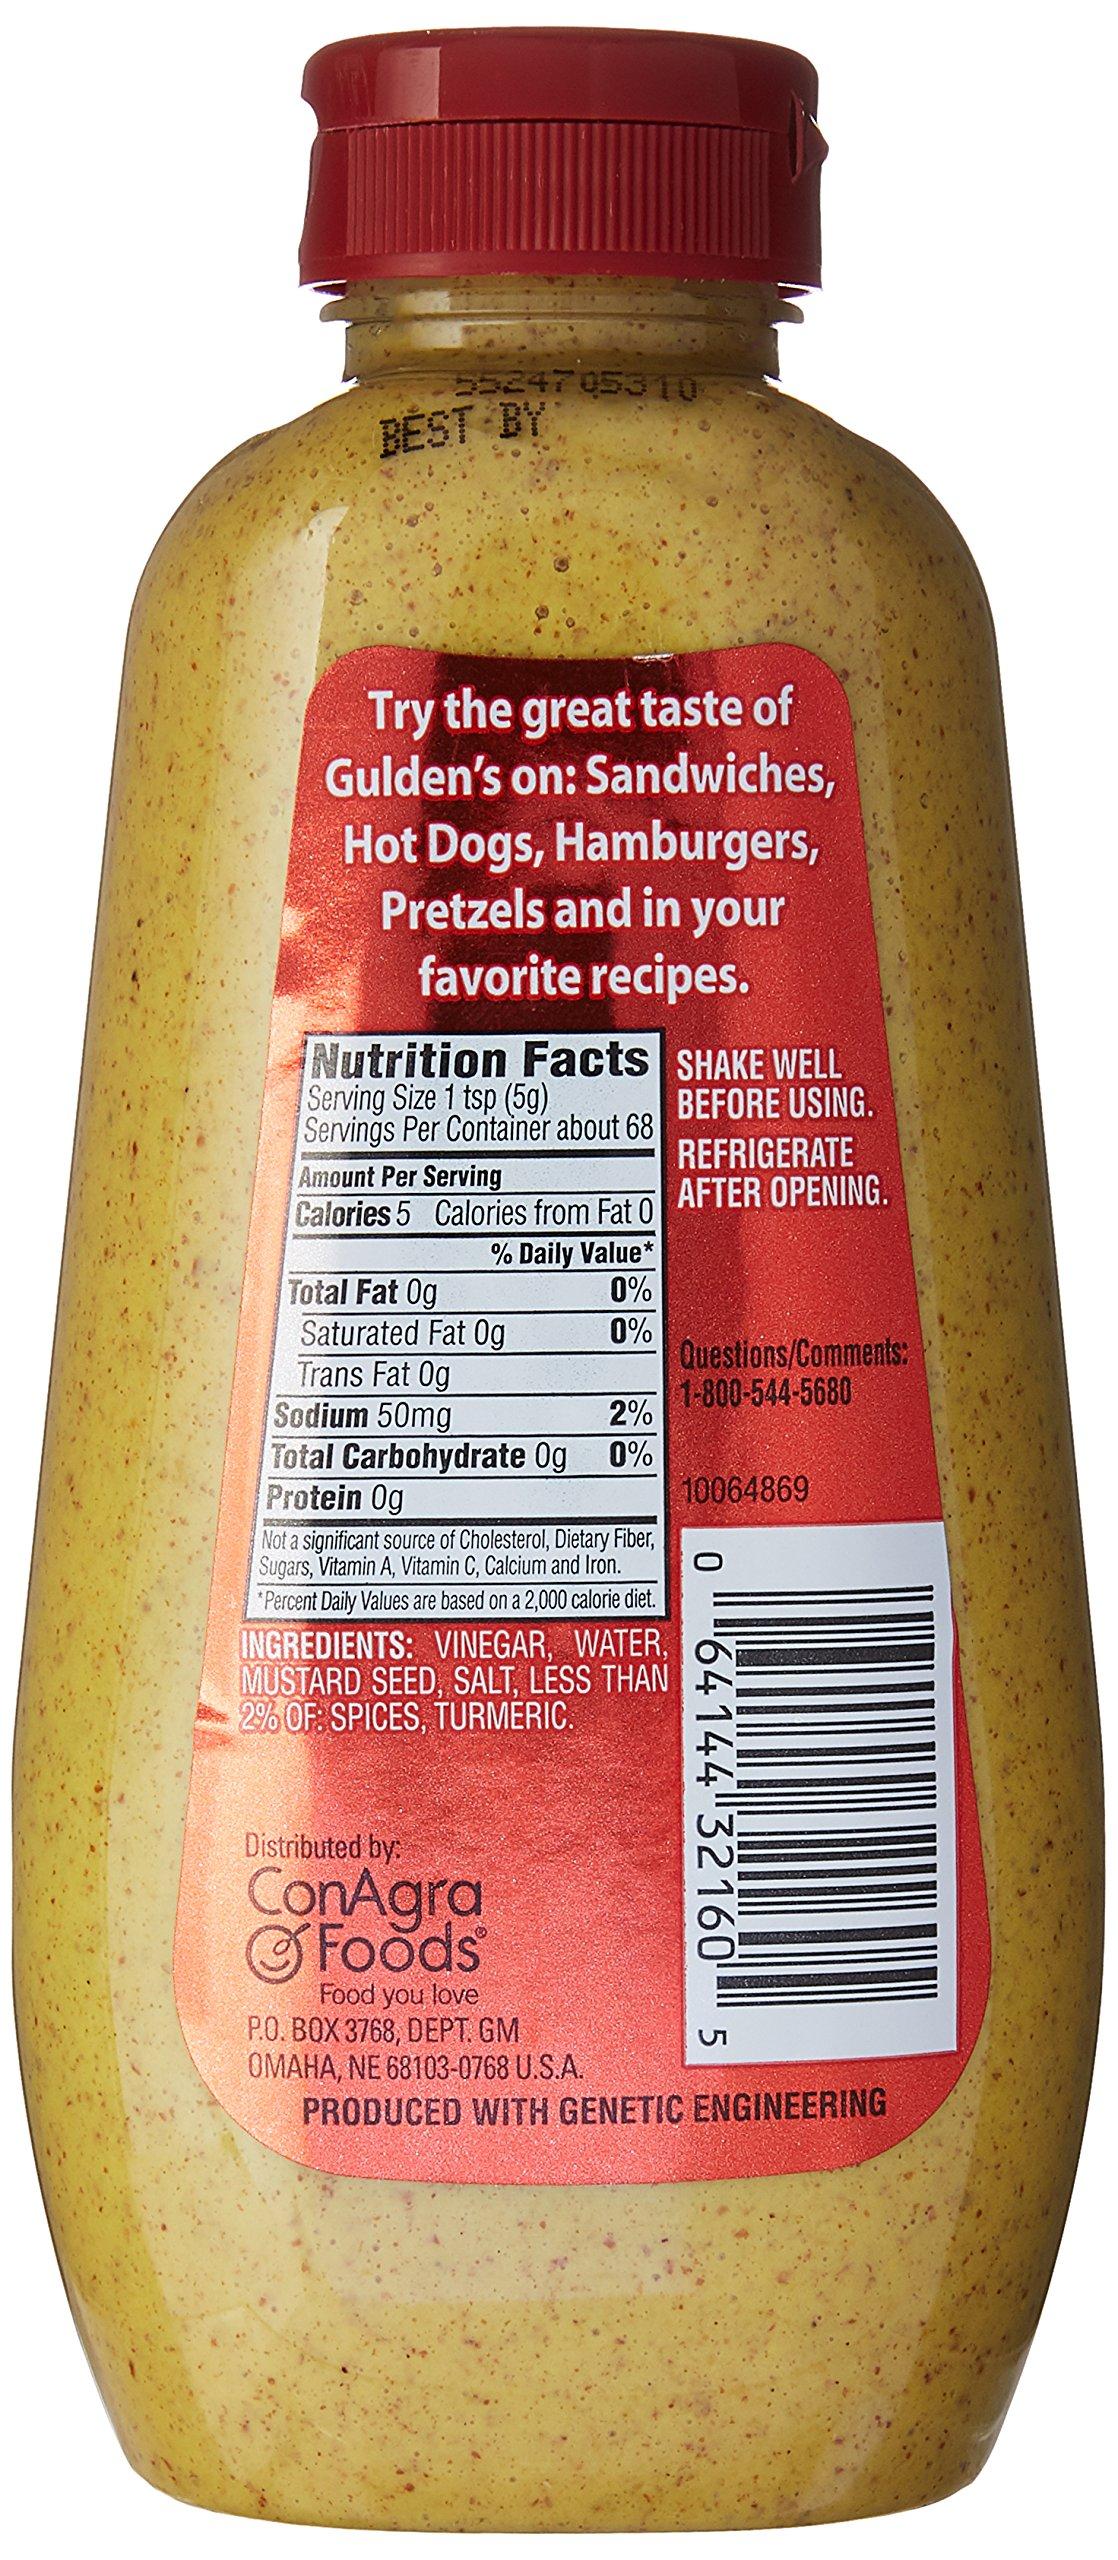 Gulden's Spicy Brown Mustard, 12 Oz 5 Gulden's spicy brown mustard Twelve ounce bottle